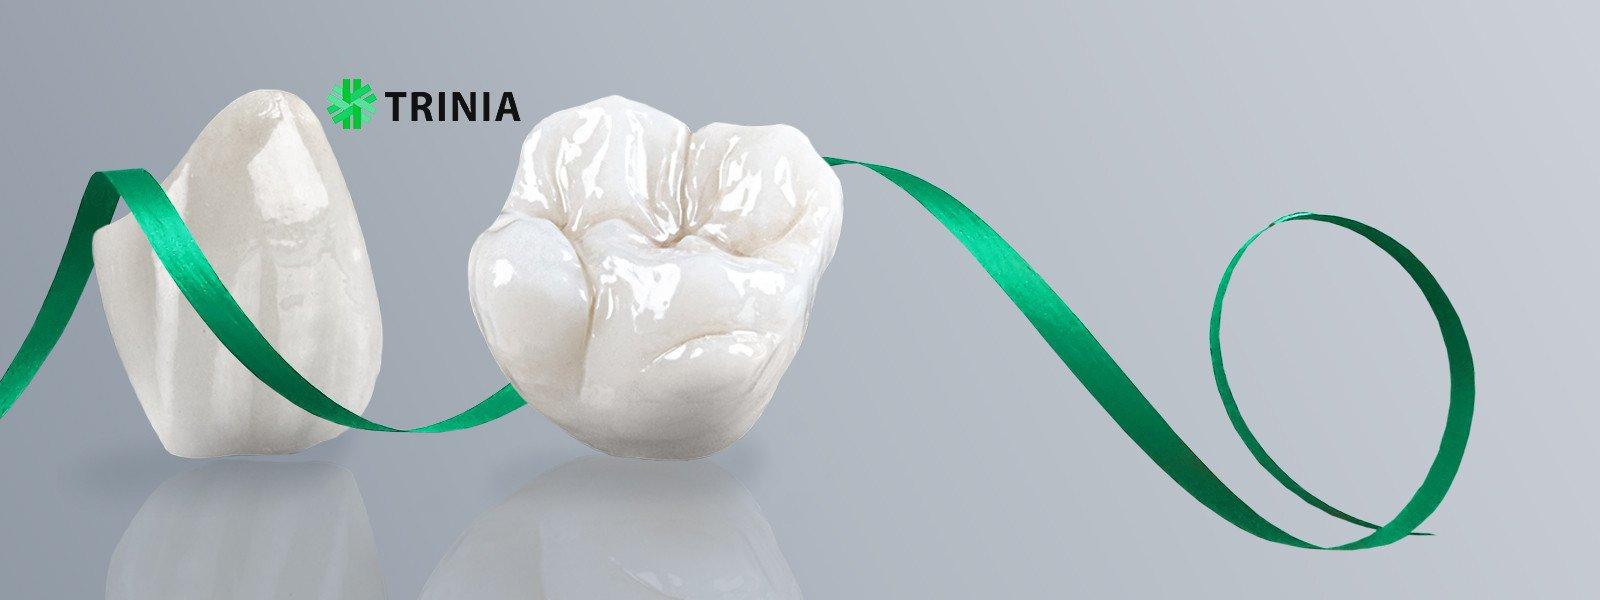 Новейшая разработка в стоматологии!  ПротезированиеTRINIA